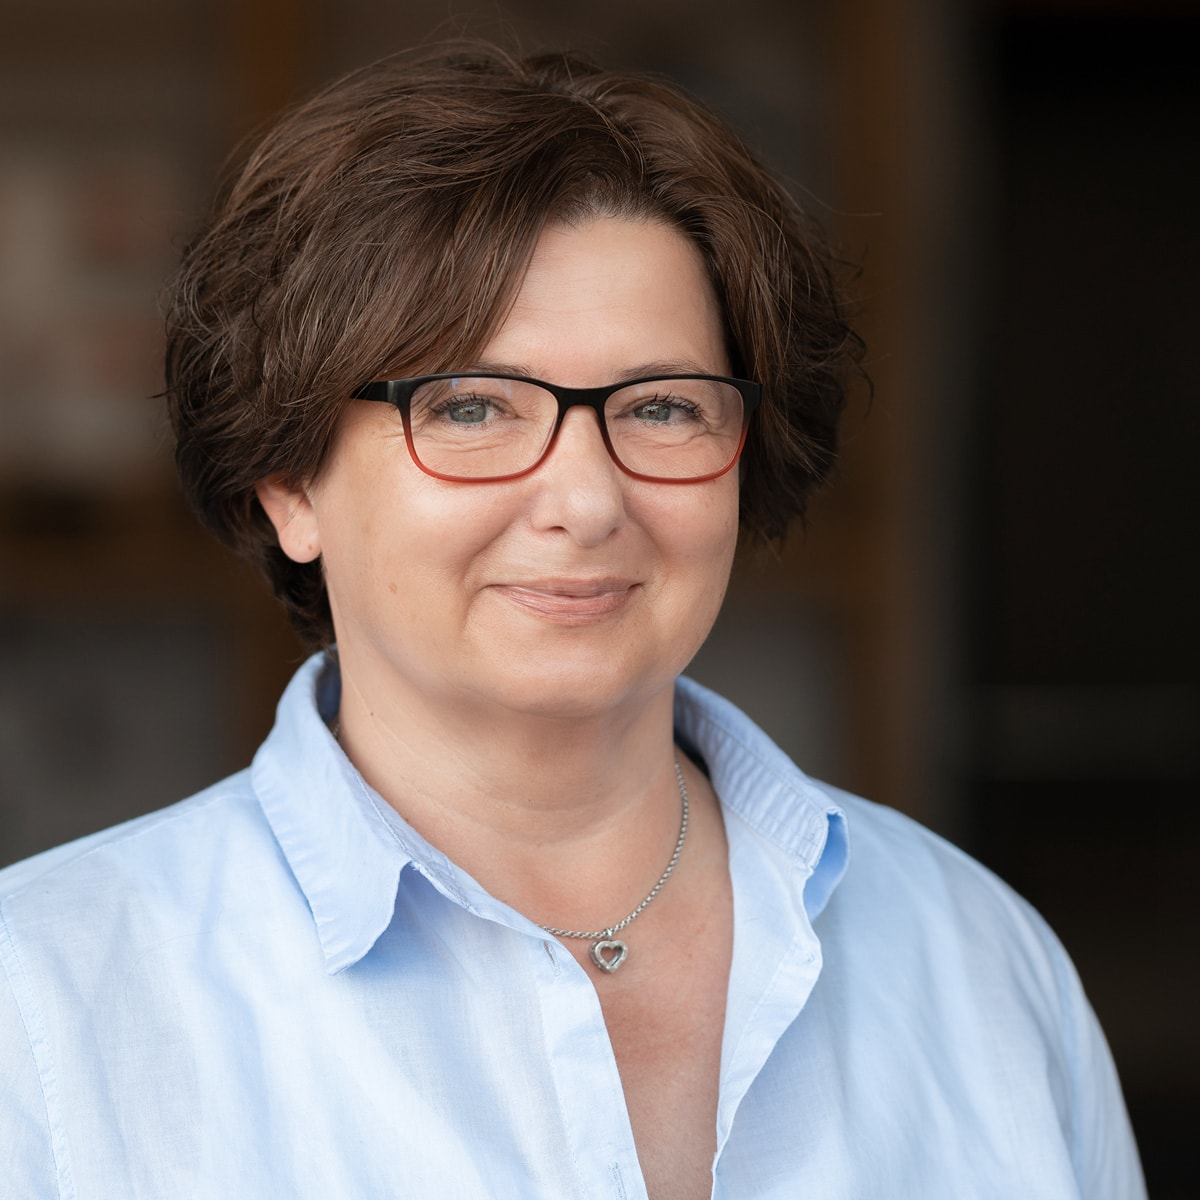 Manuela Bremer